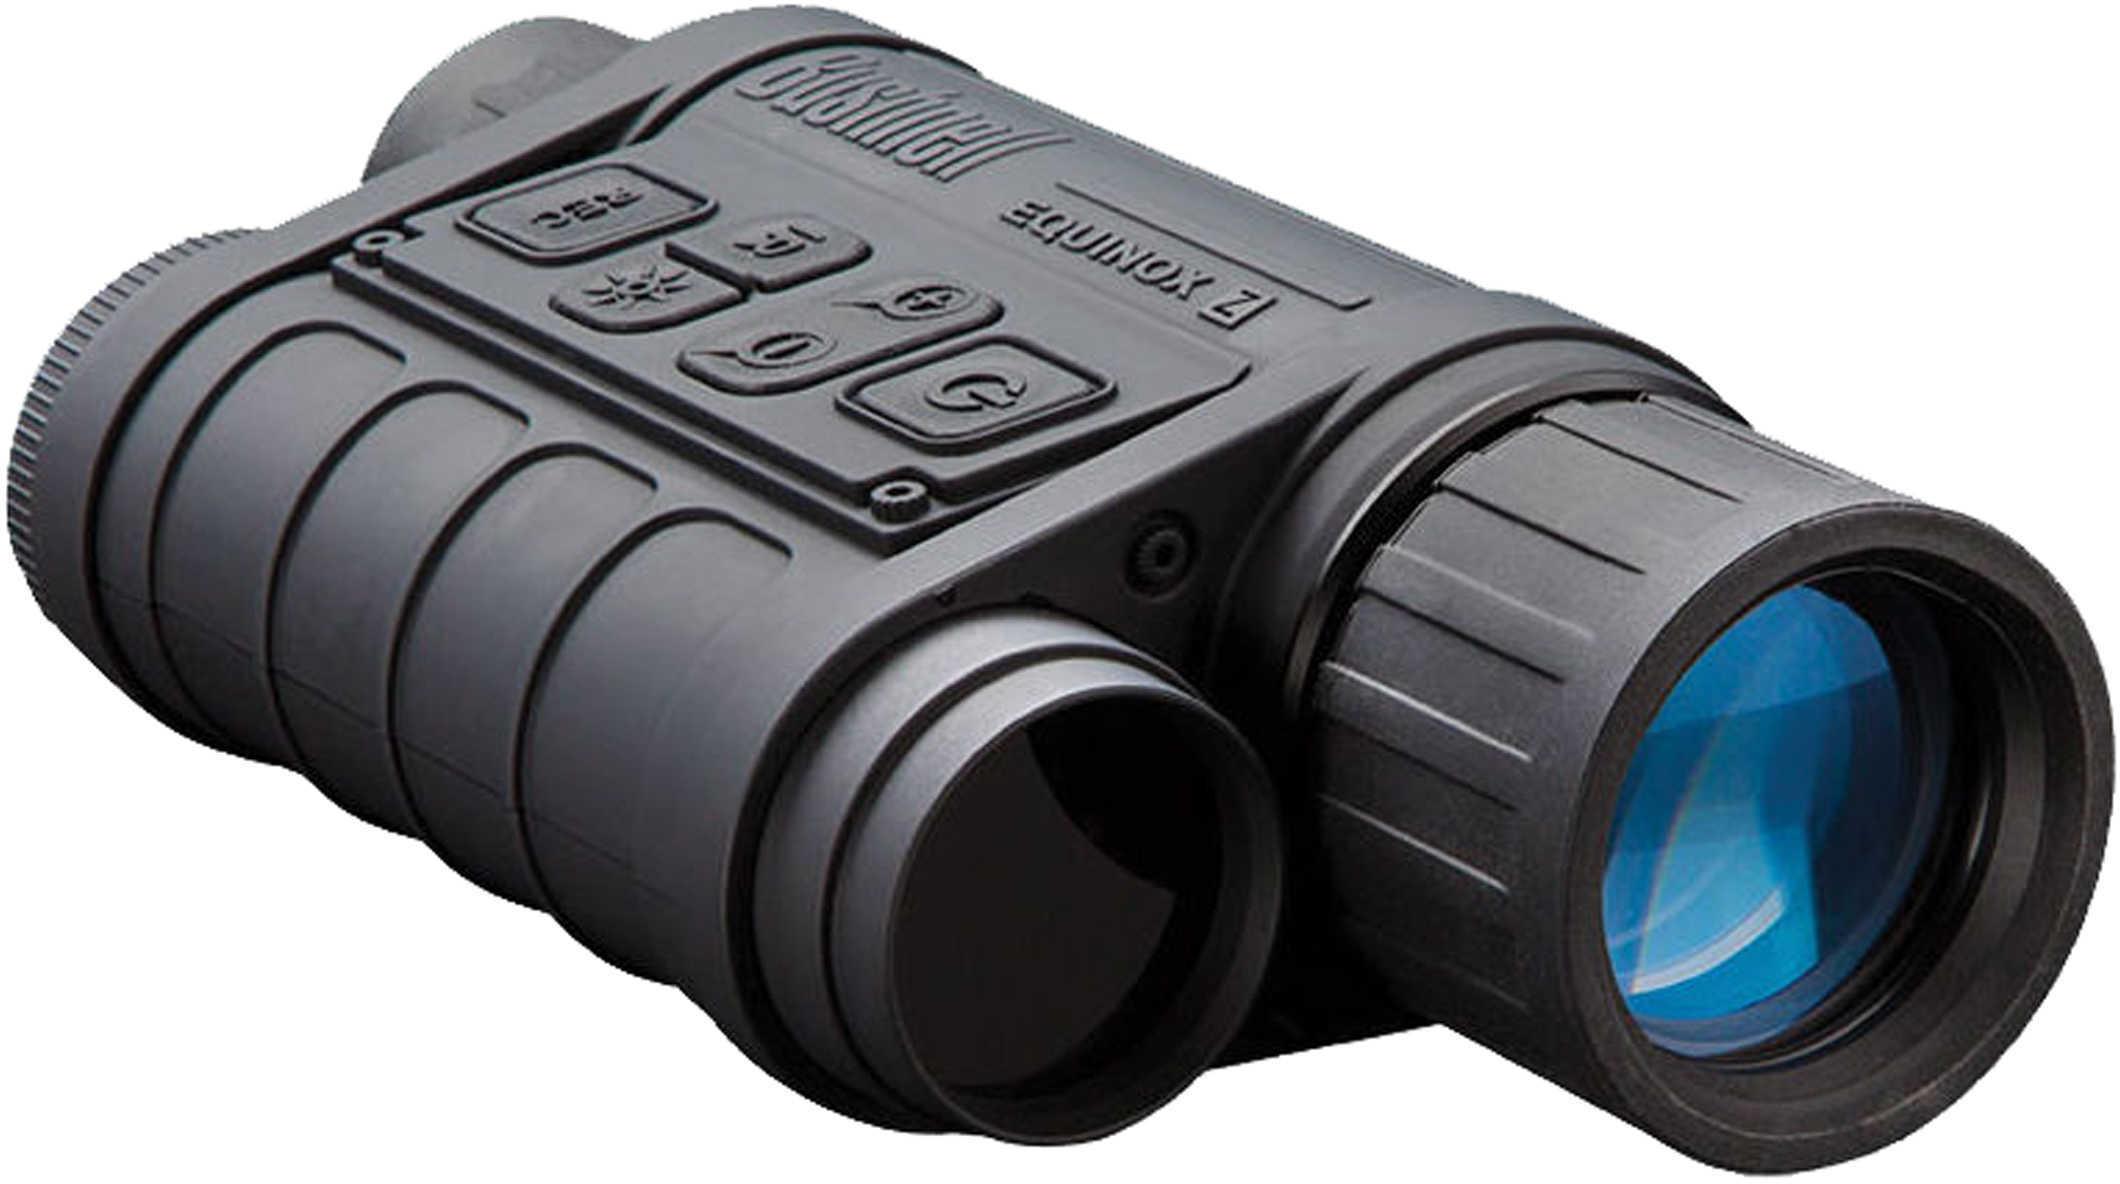 Bushnell Equinox 4X30 Digital Night Vision Blk